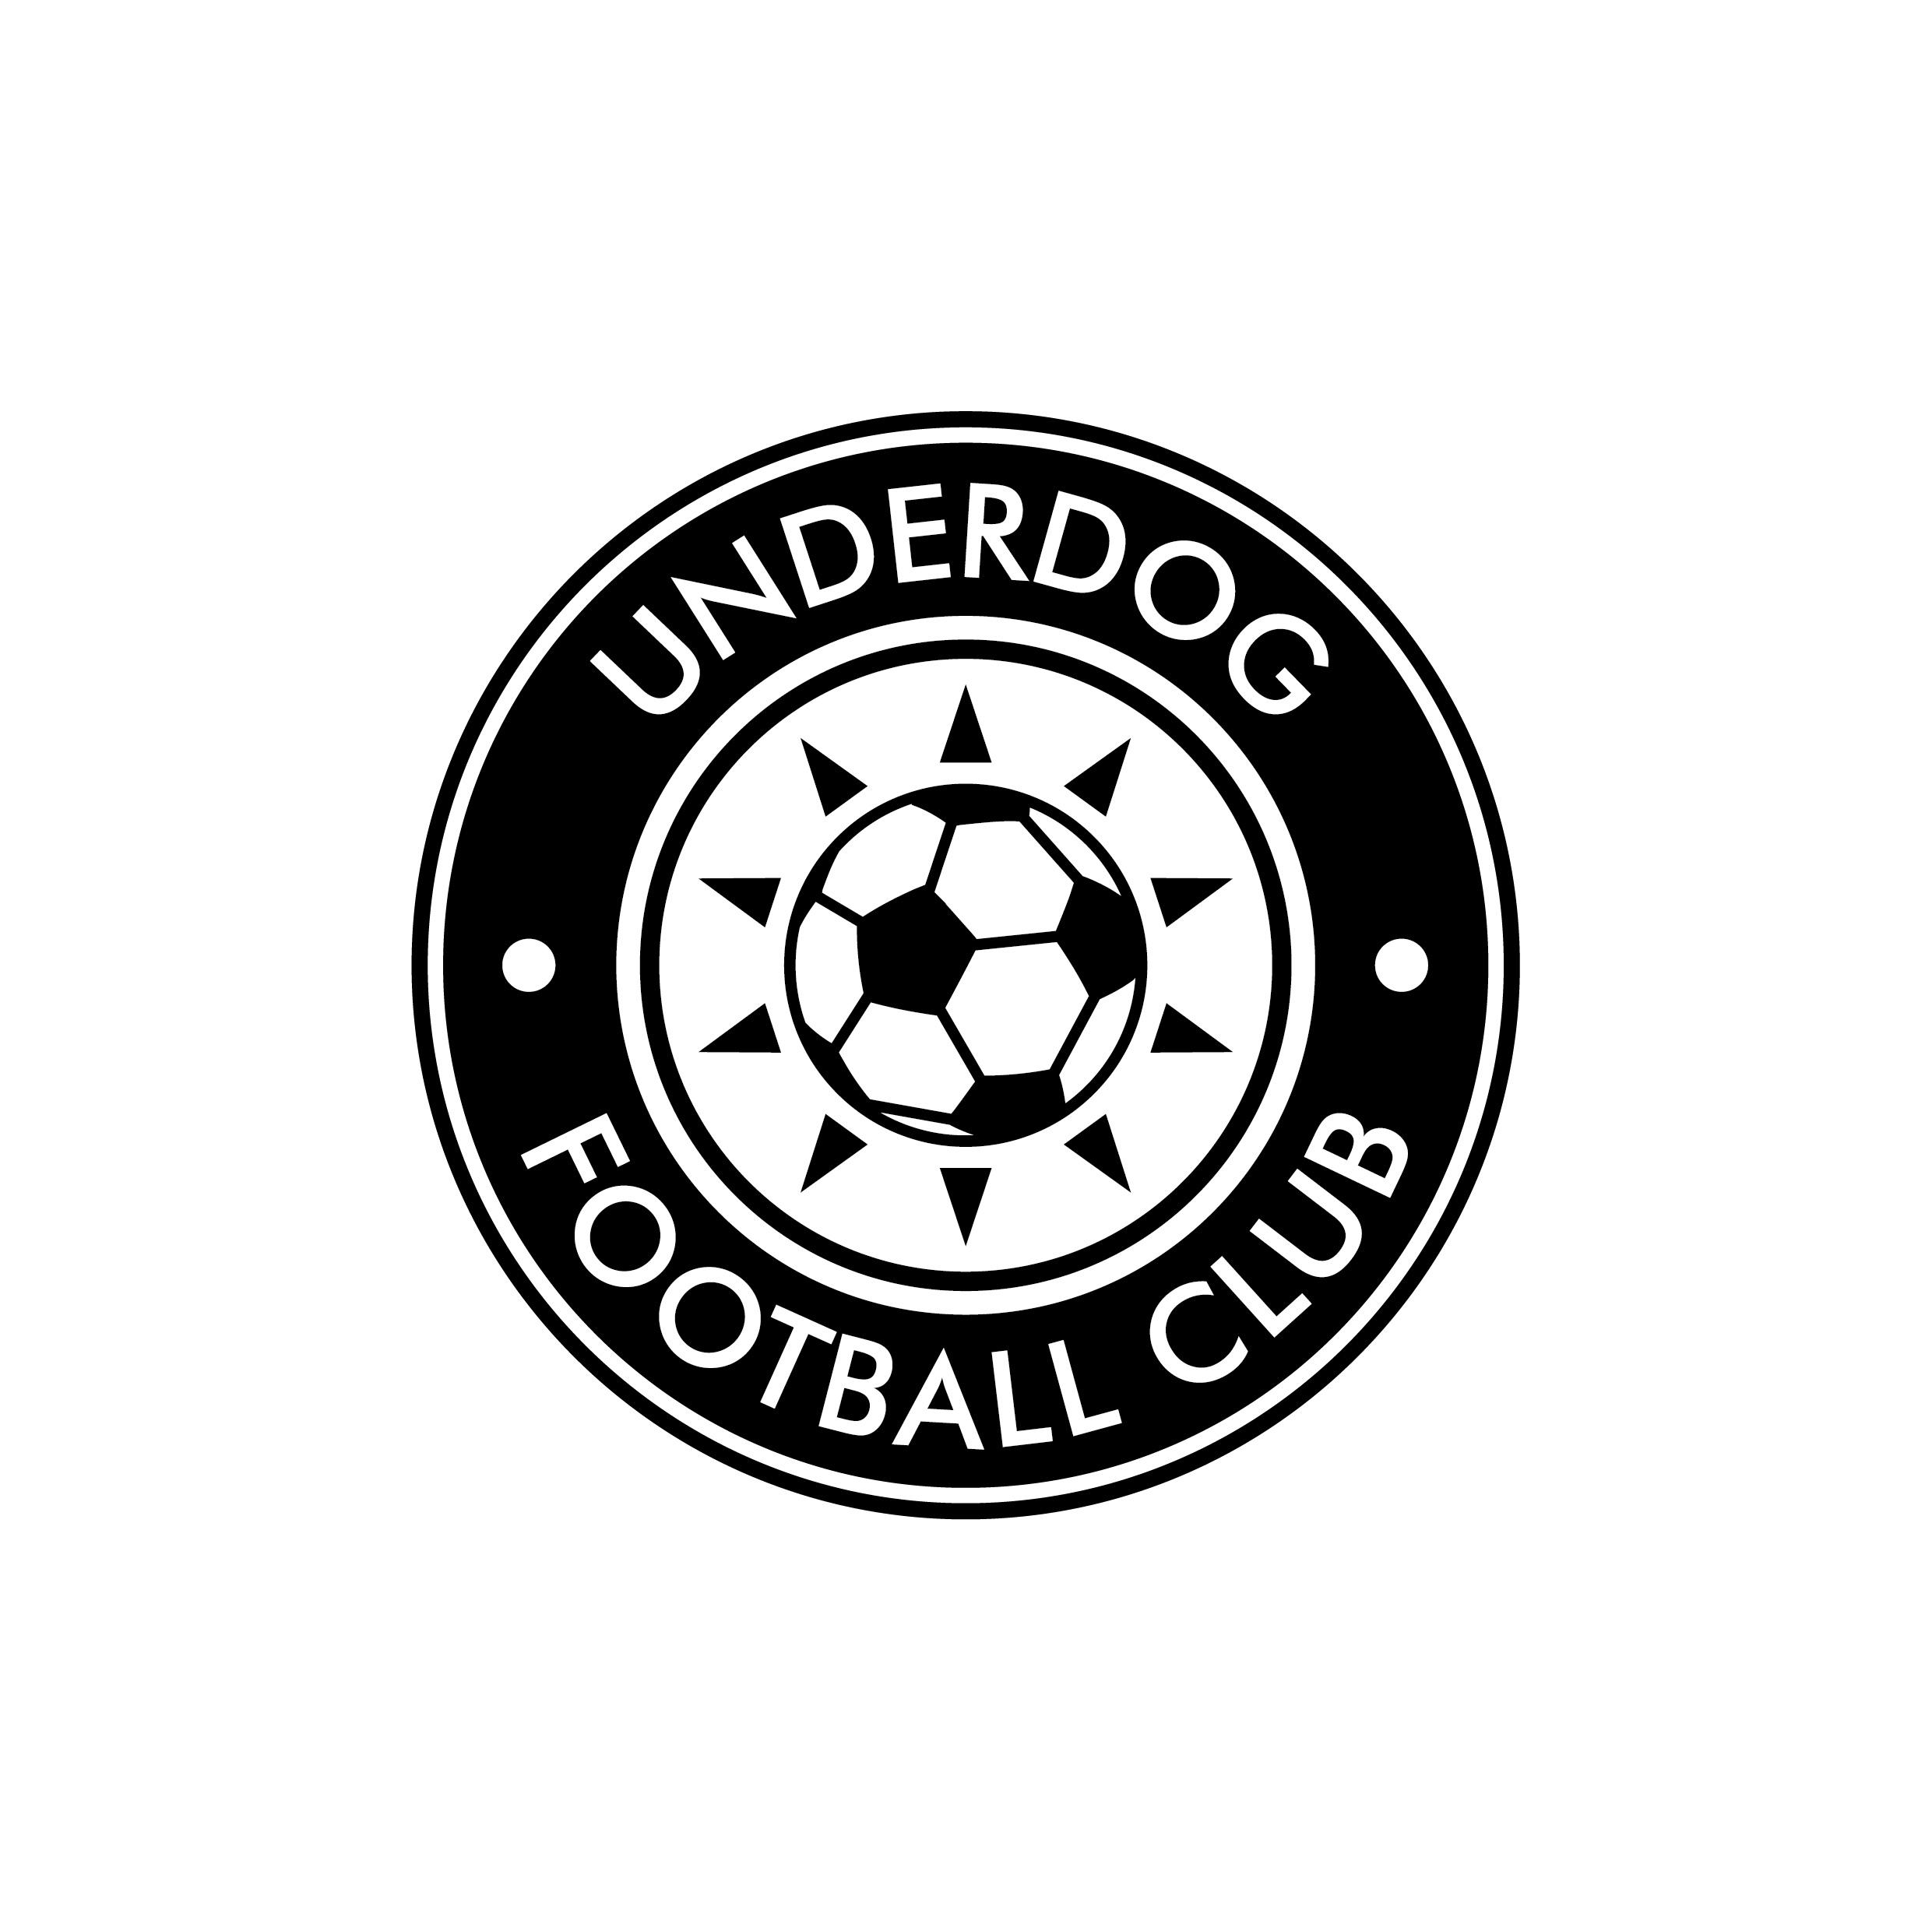 Футбольный клуб UNDERDOG - разработать фирстиль и бренд-бук фото f_6085cb08649bd561.jpg